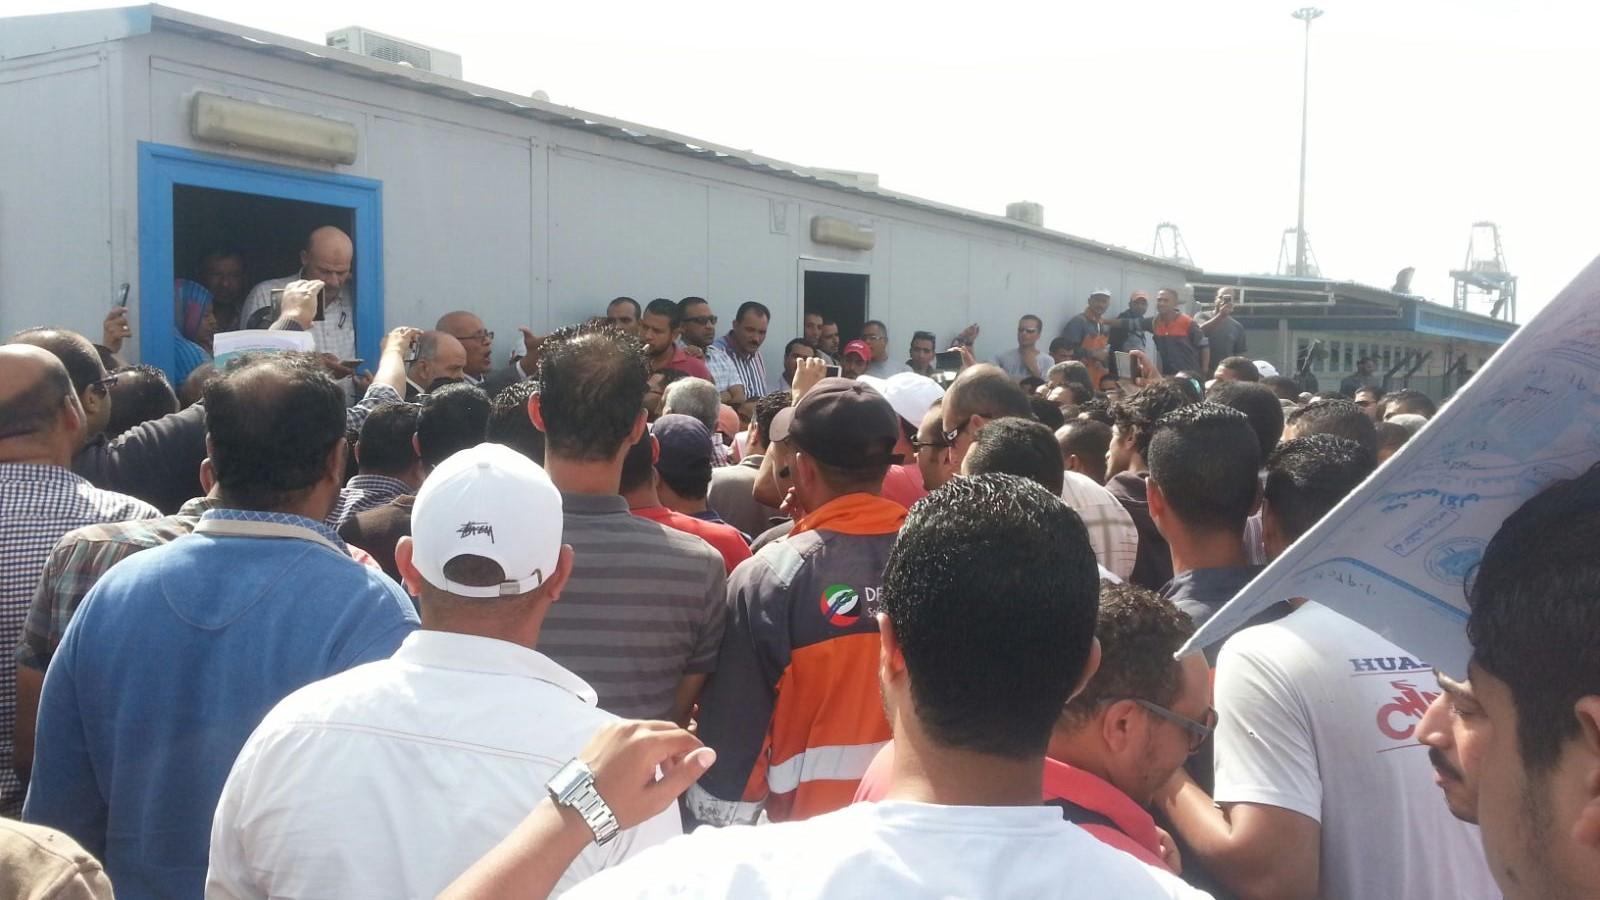 إضراب مستخلصي جمرك ميناء السخنة احتجاجًا على إجراءات «تُعطل العمل»